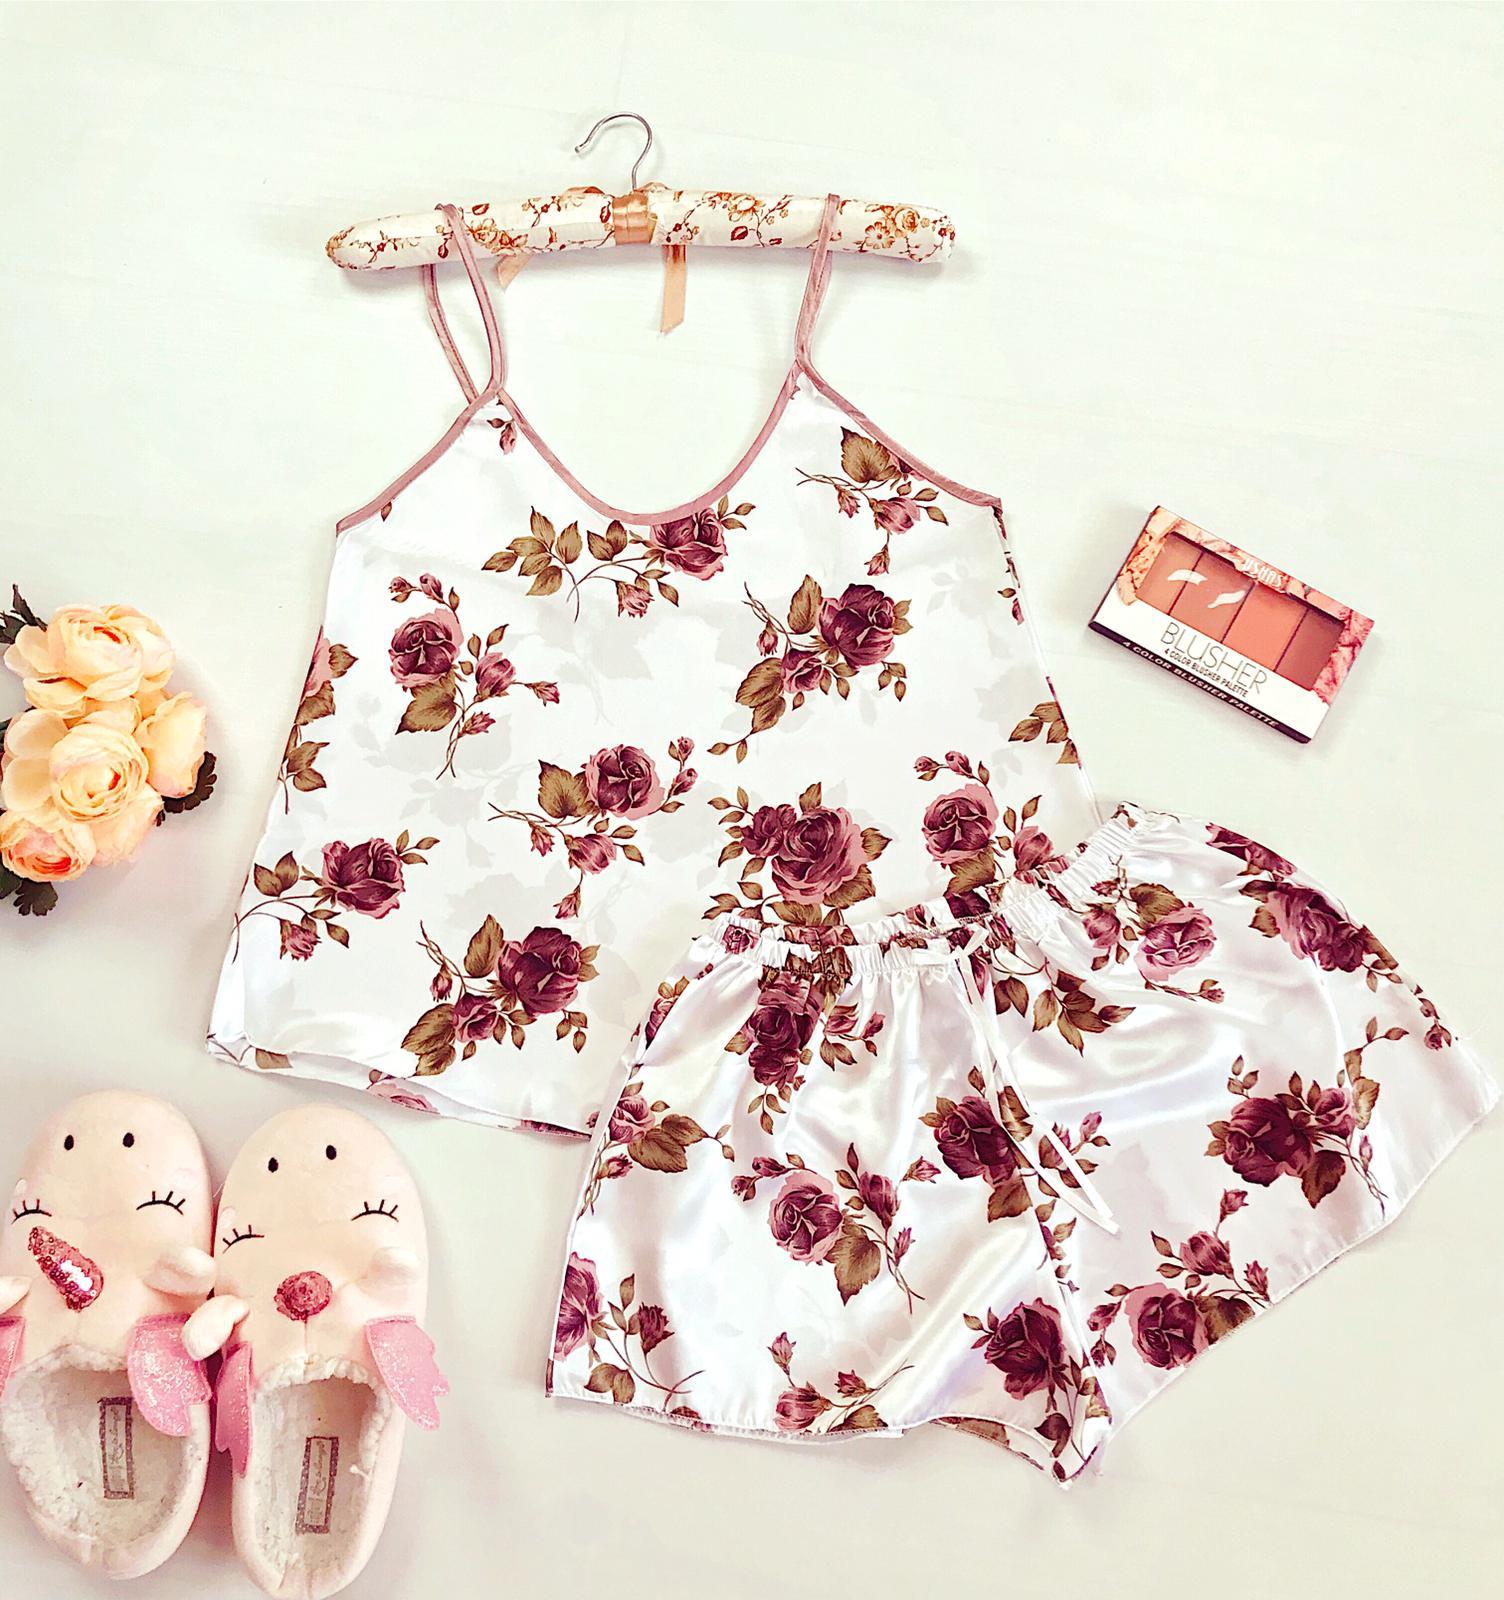 Compleu pijama set maiou si pantaloni scurti din satin premium alb cu imprimeu trandafiri bej delicati